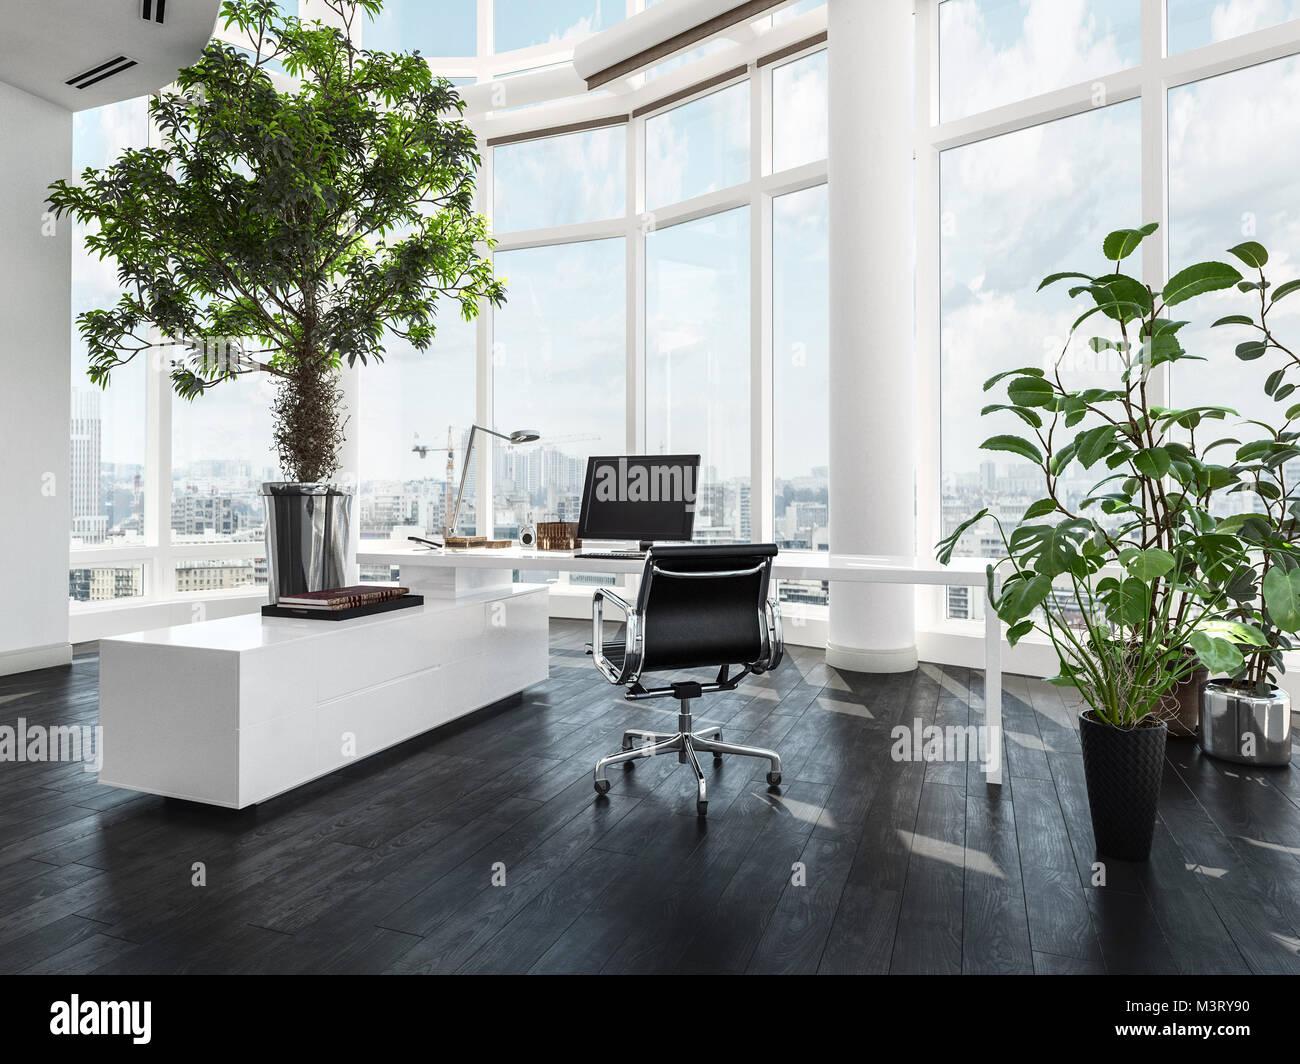 Moderne luxus büro  Moderner Luxus Büro Interieur in einem Pent House mit geschwungenen ...